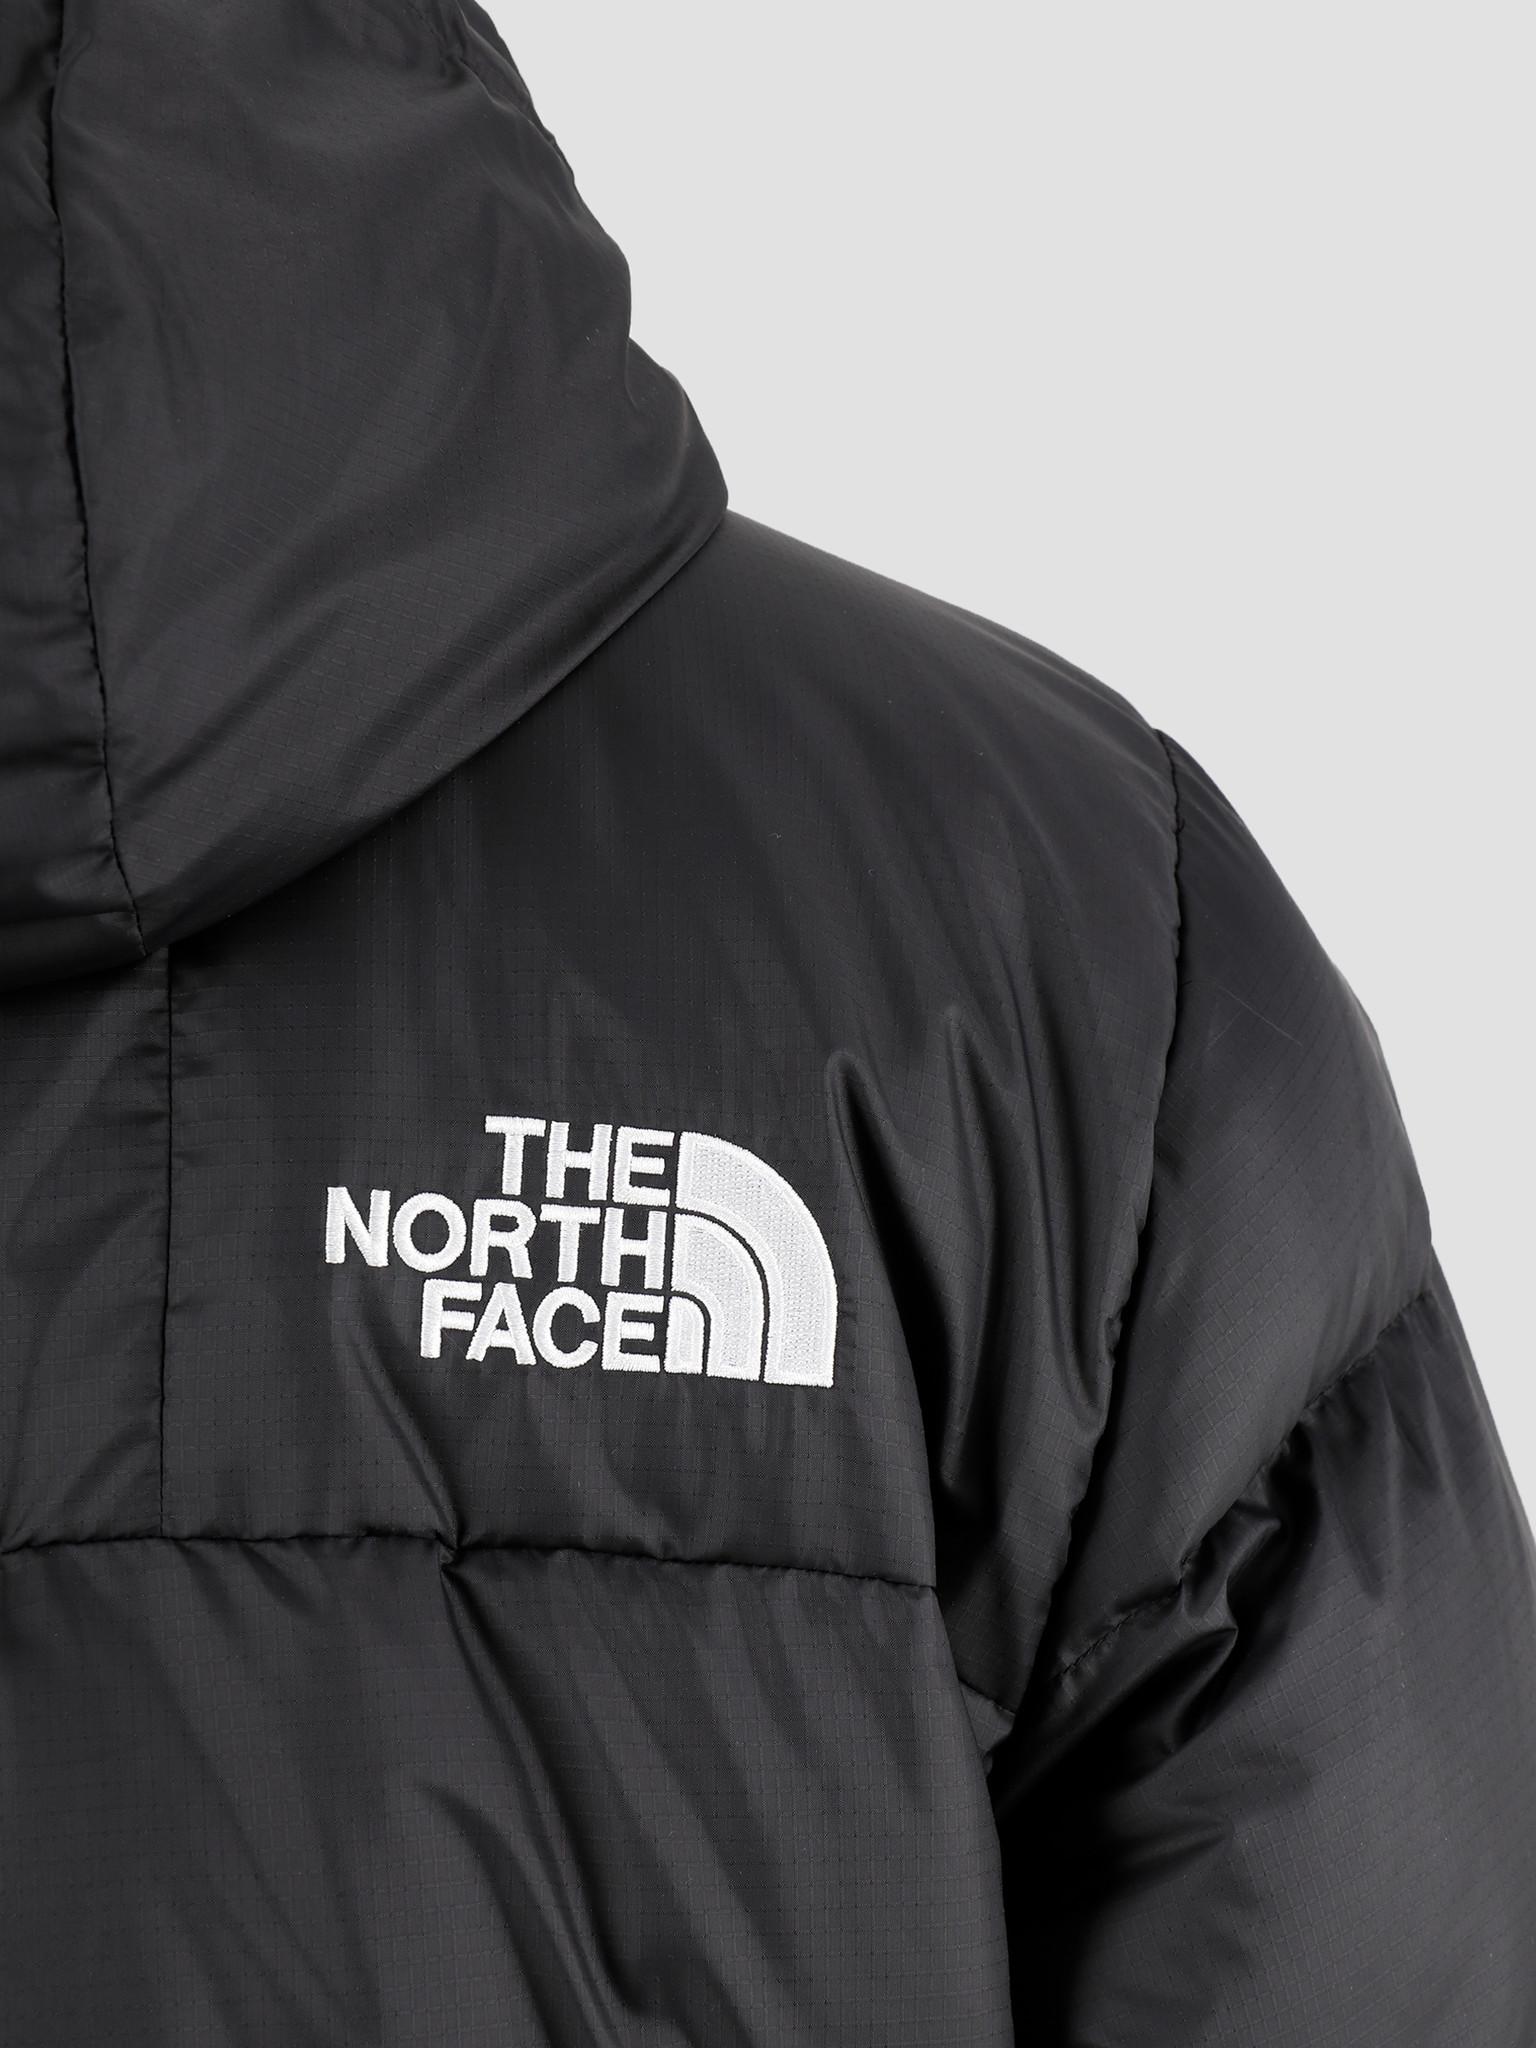 The North Face The North Face Deptford Down Jacket Black T93MJLJK3